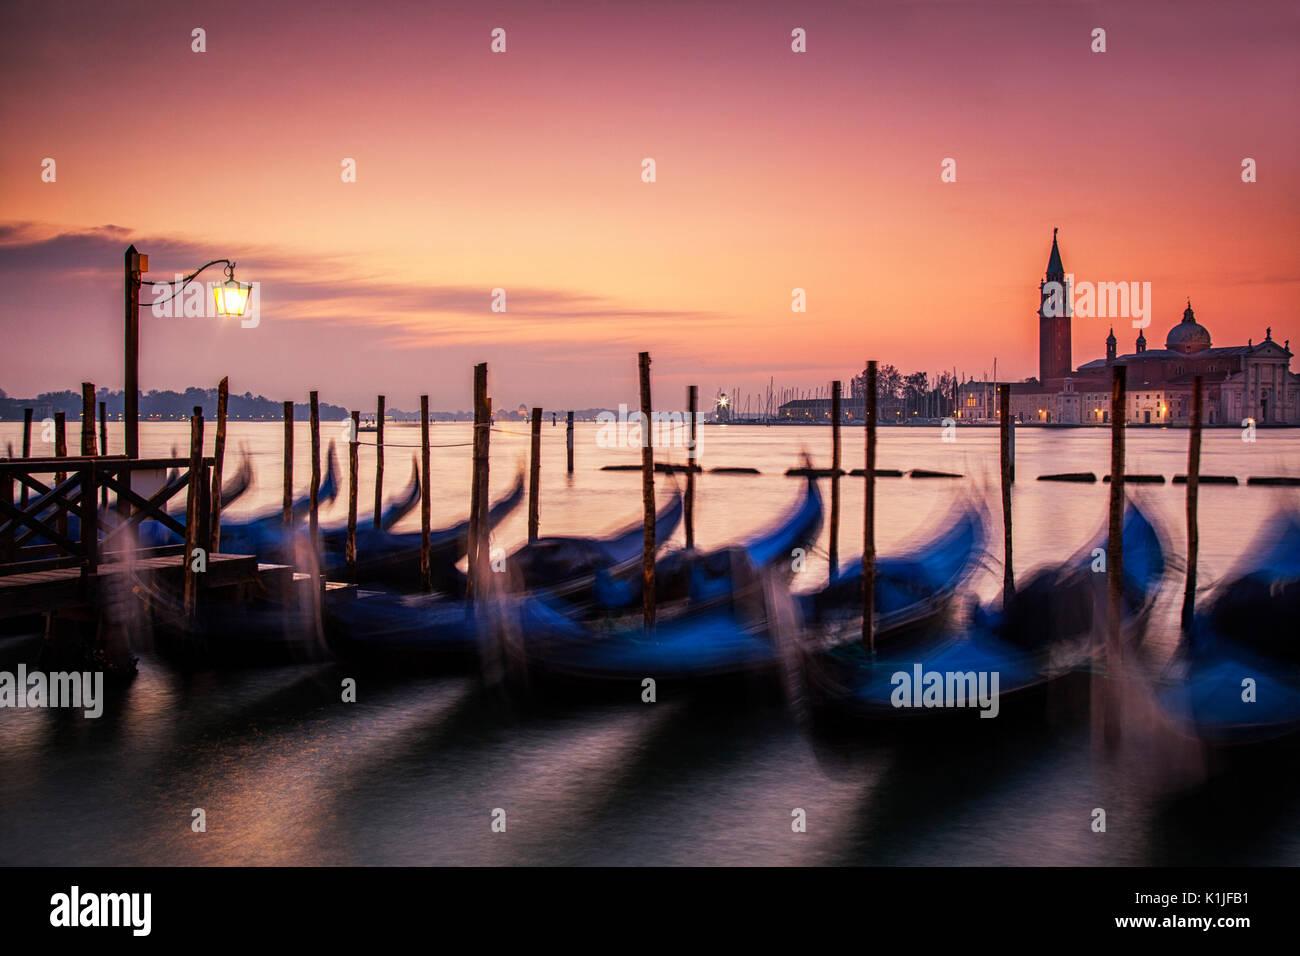 Sinrise über die Gondeln in Venedig, Italien und die Insel San Giorgio Maggiore. Stockbild